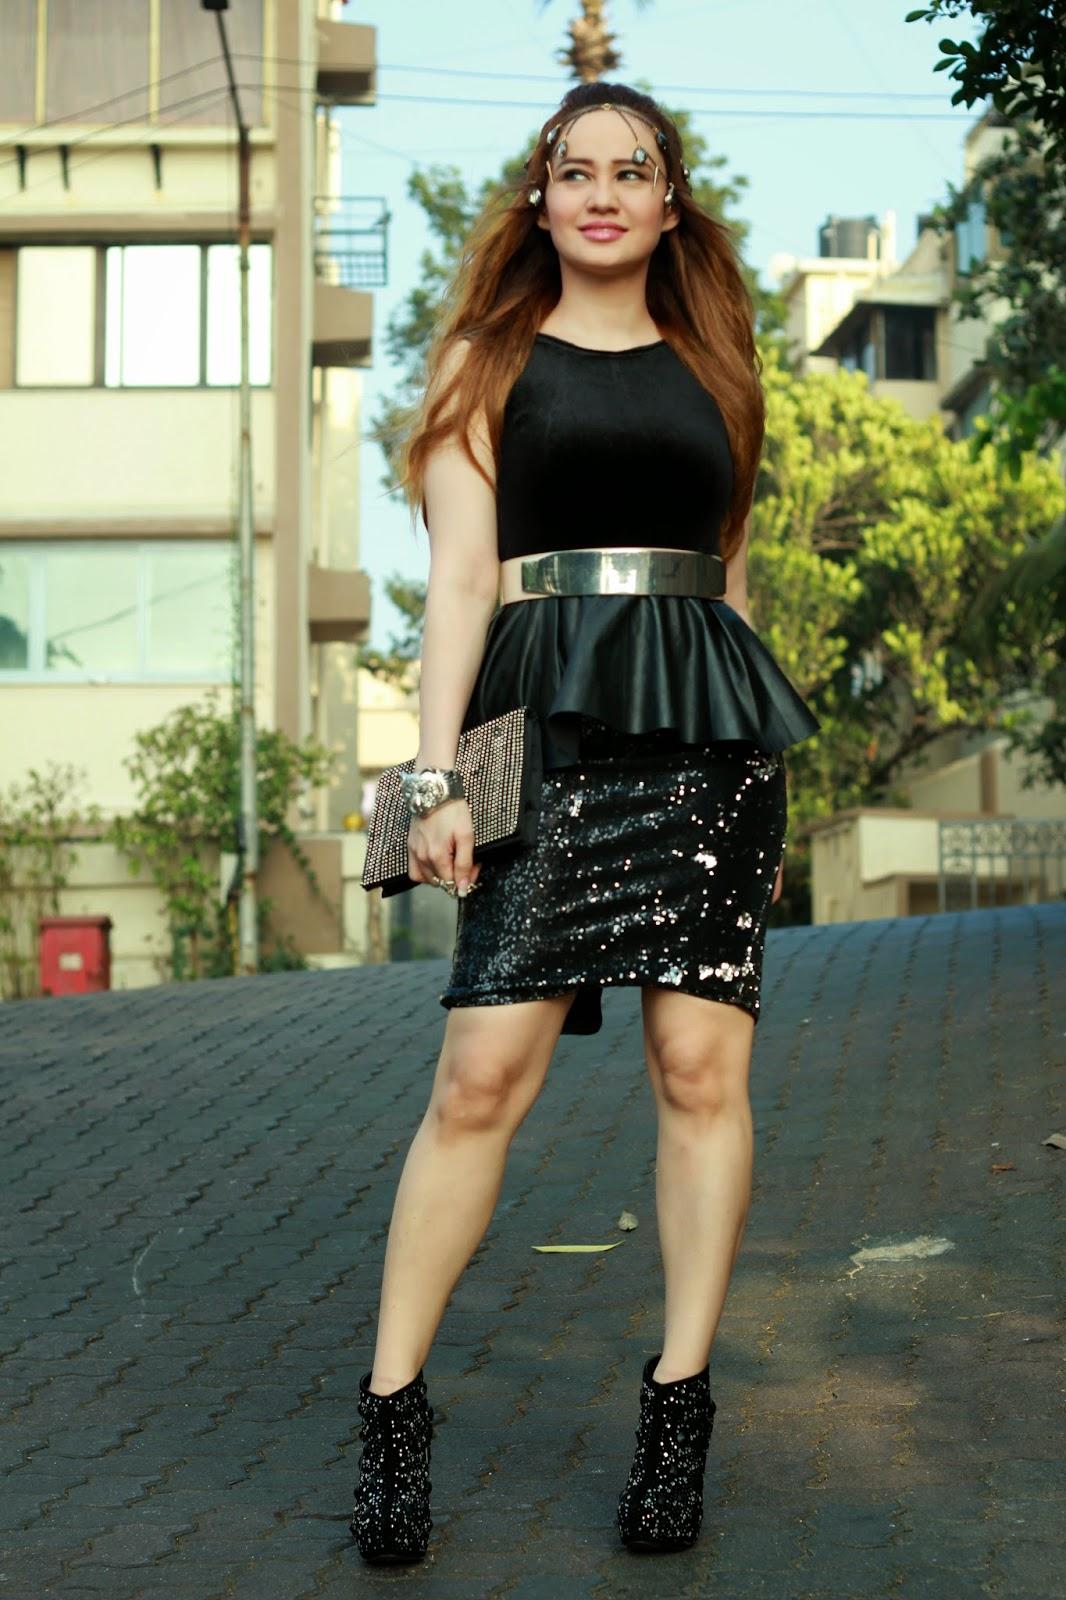 Black Velvet Peplum Top & Black Sequin Pencil Skirt